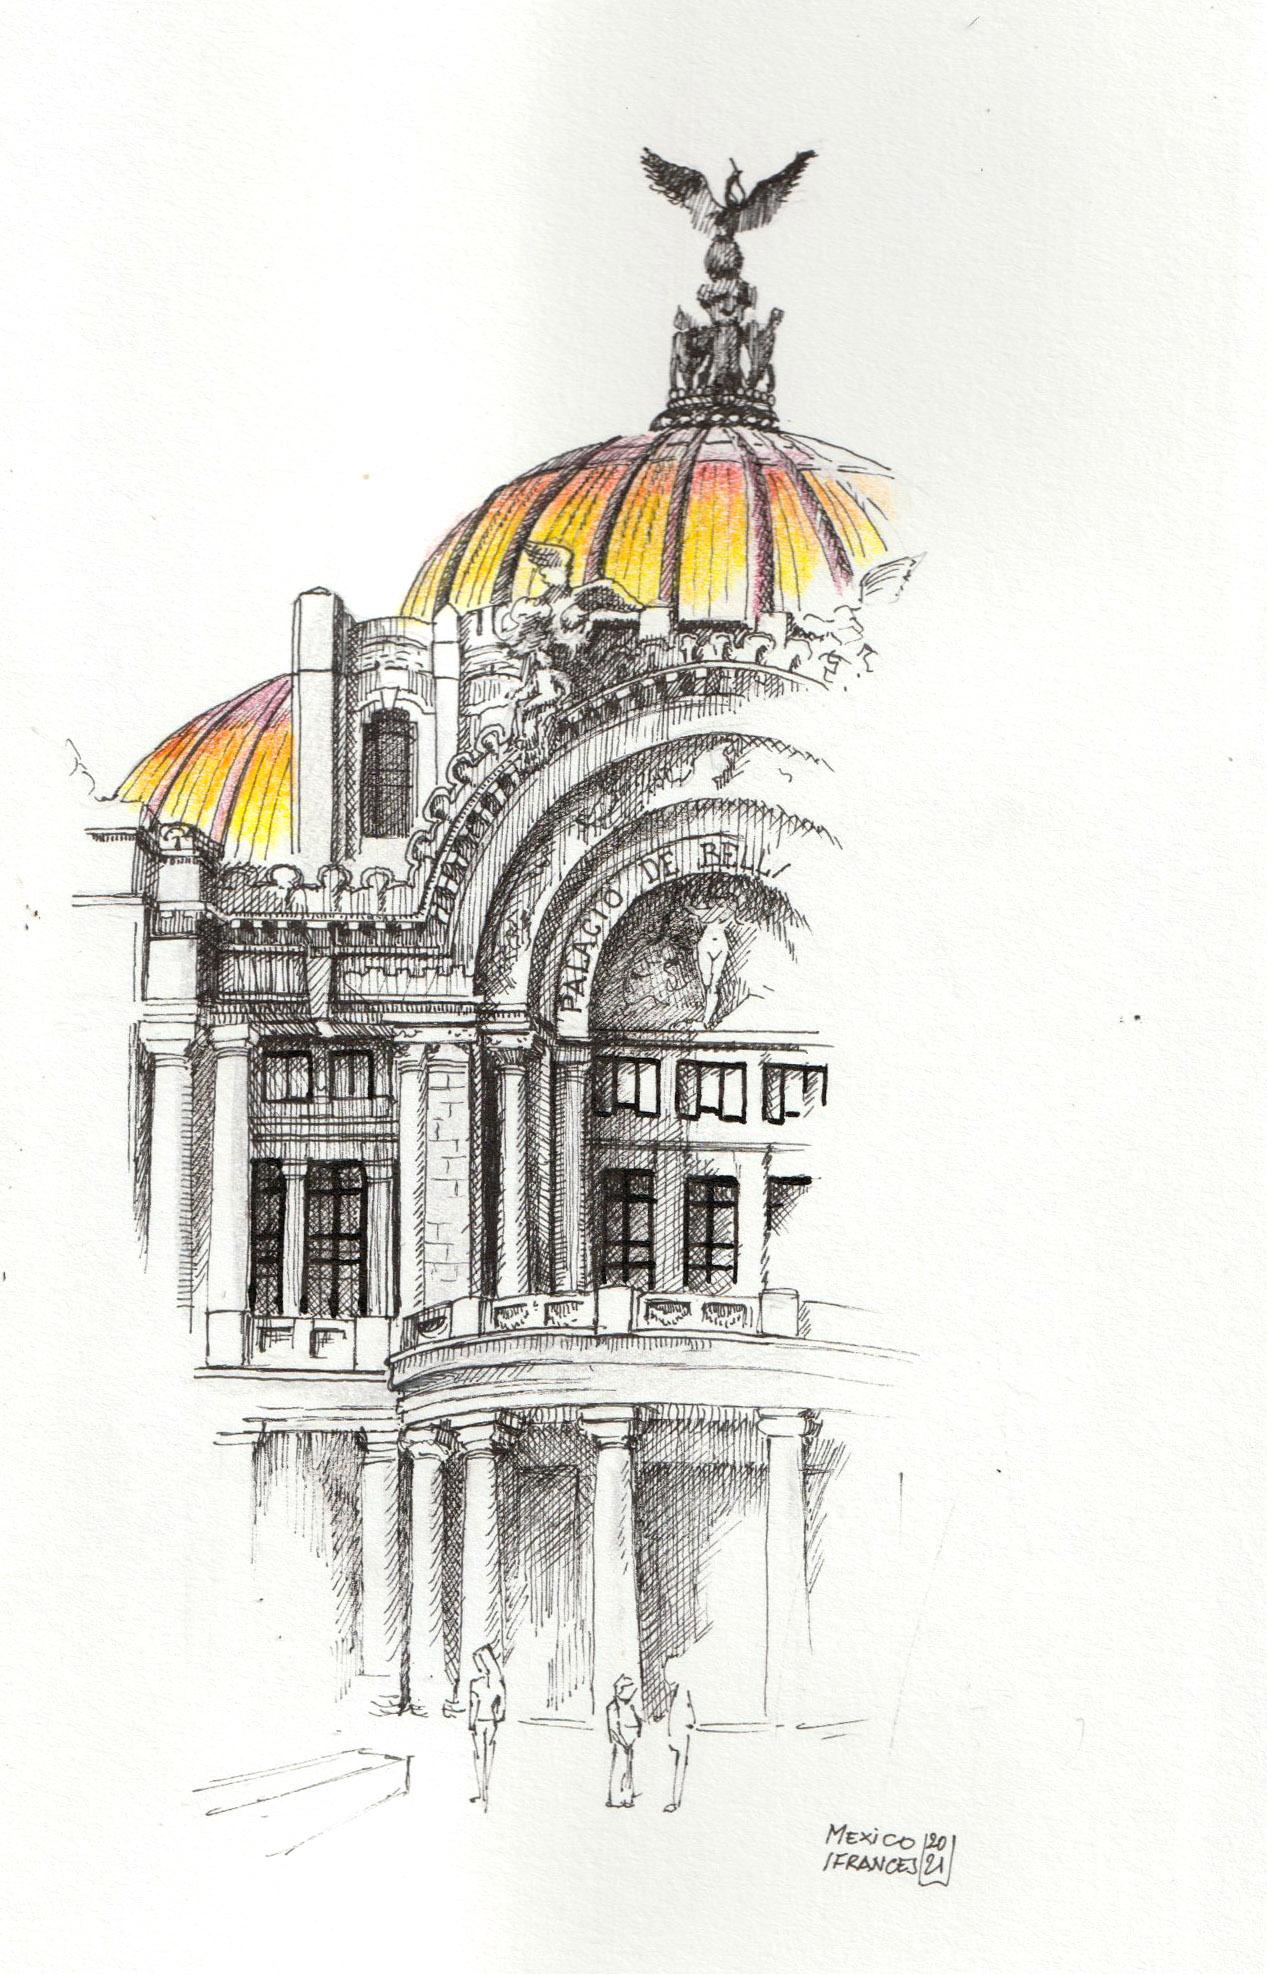 Detail de la façade du palais de Beaux Arts de mexico - ©I.F 2021